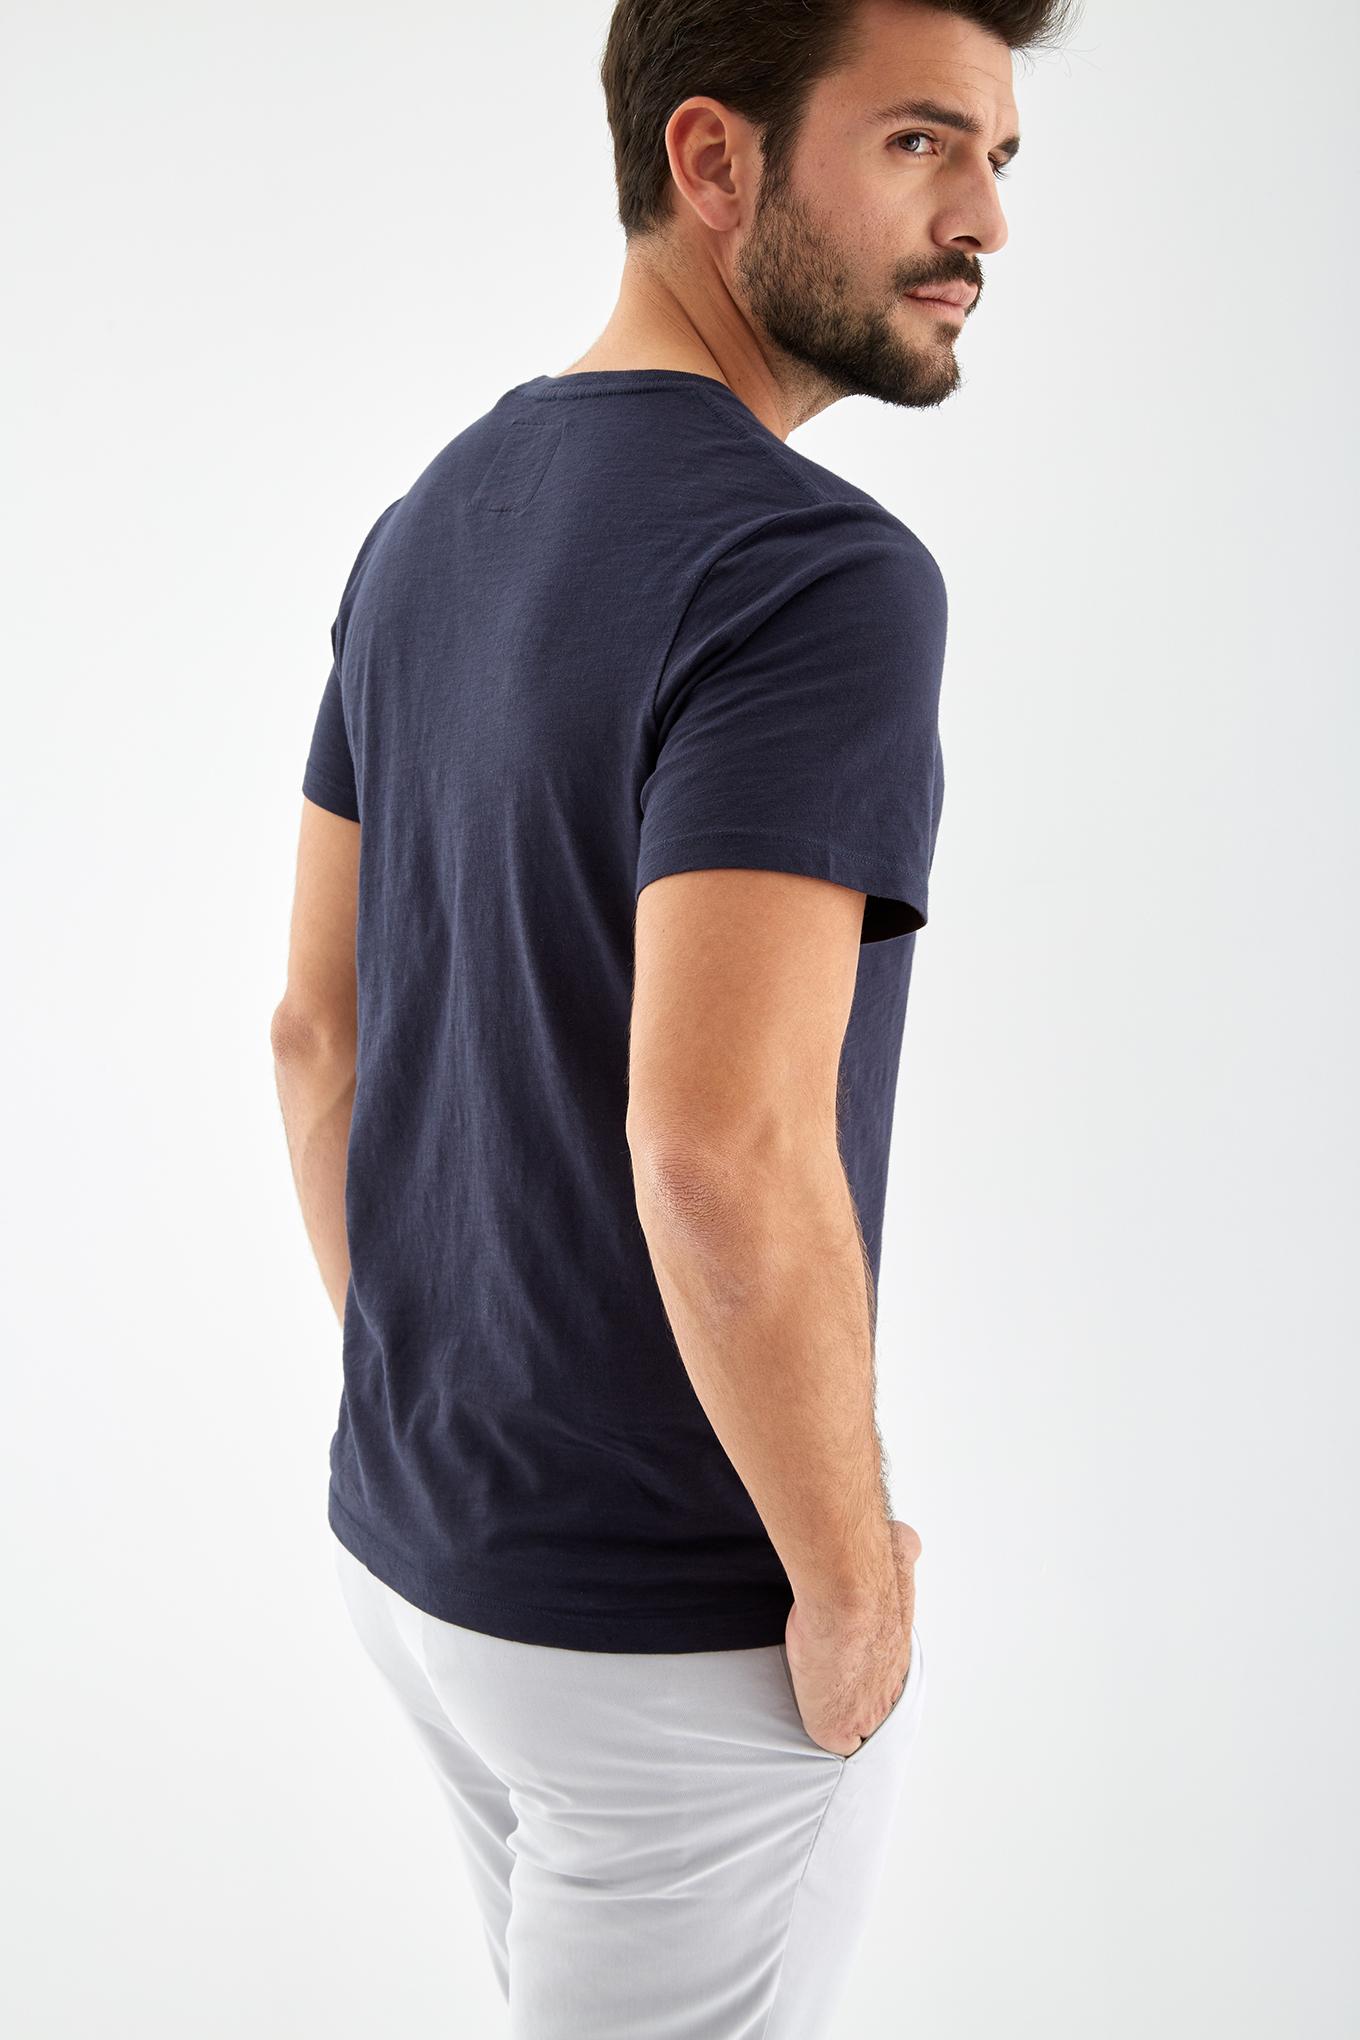 T-Shirt Azul Escuro Sport Homem